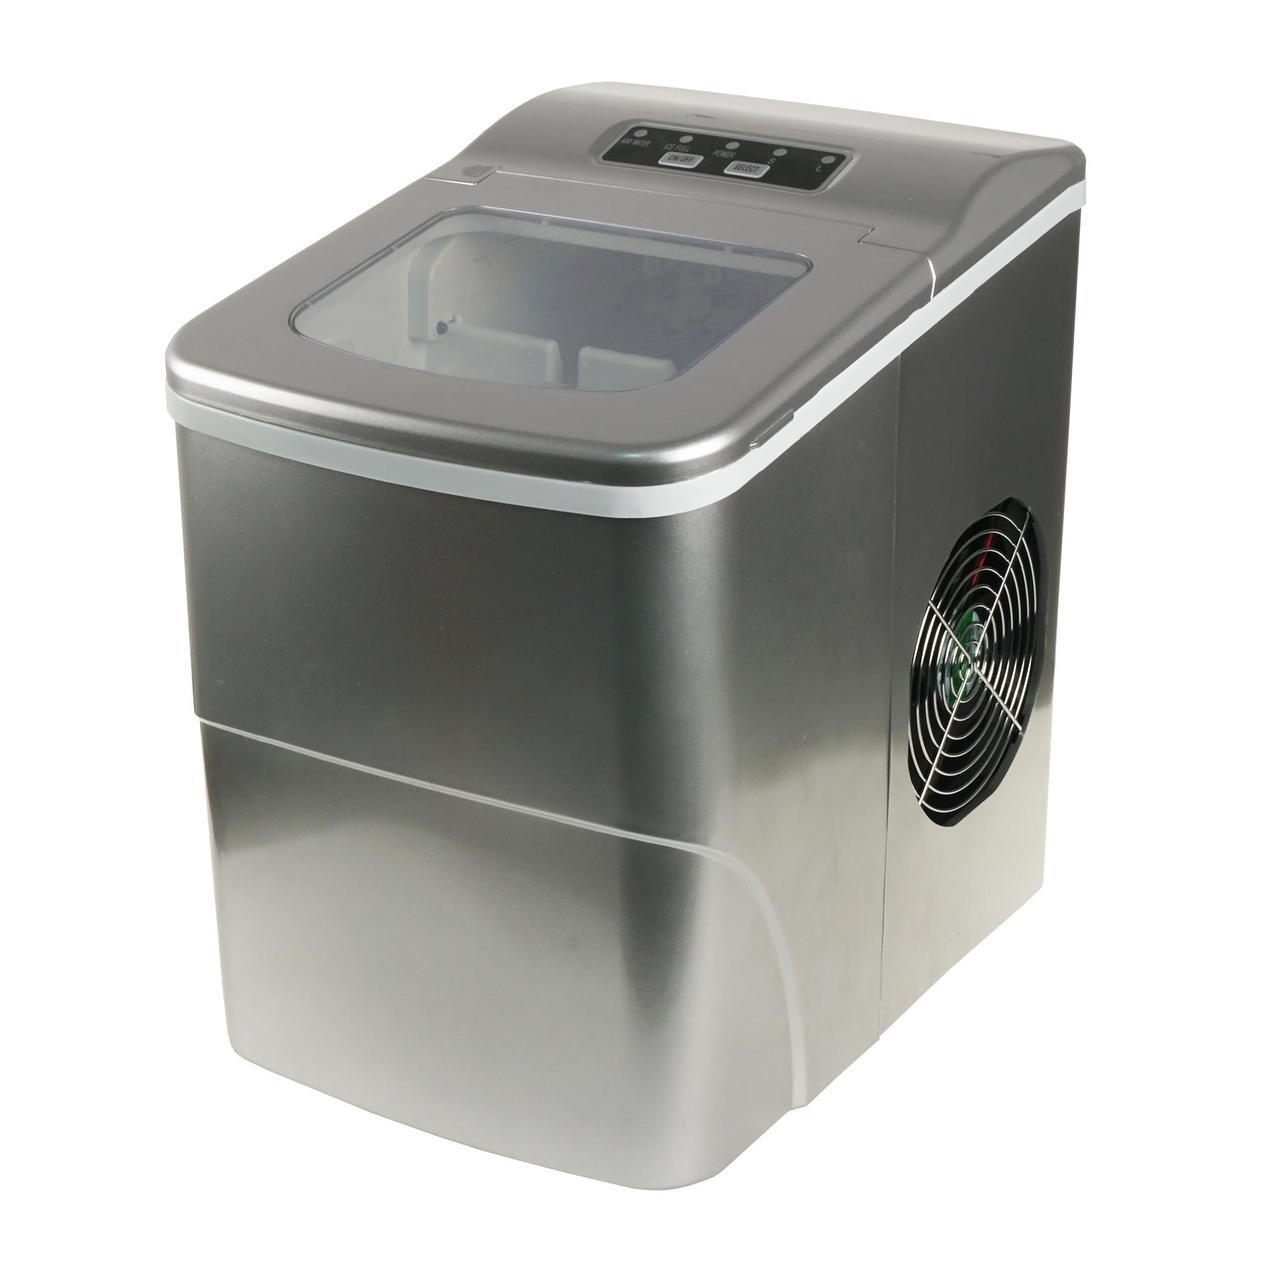 Портативный генератор льда, бытовой компактный ледогенератор, Серый